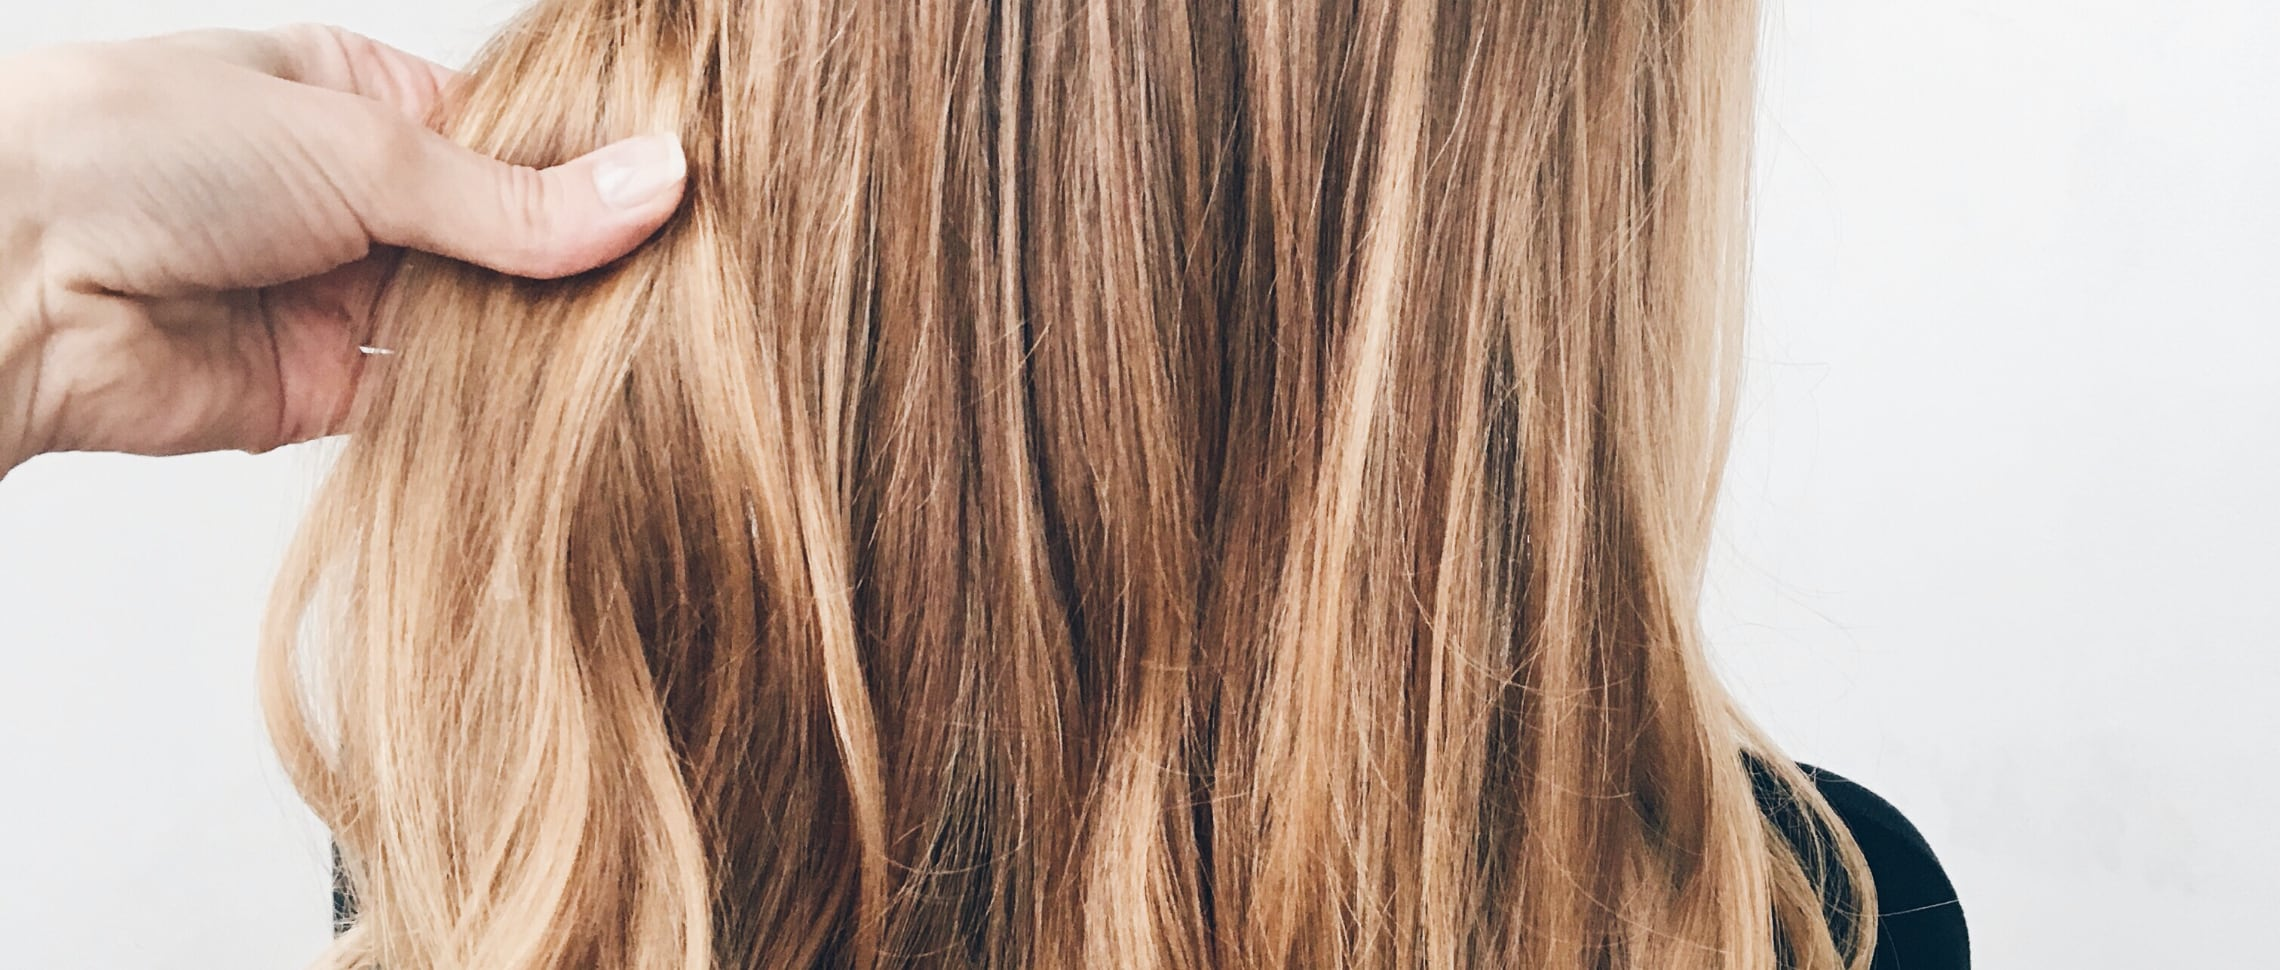 hårförlängning-solna-kvalitet-äkta-hår-centrum